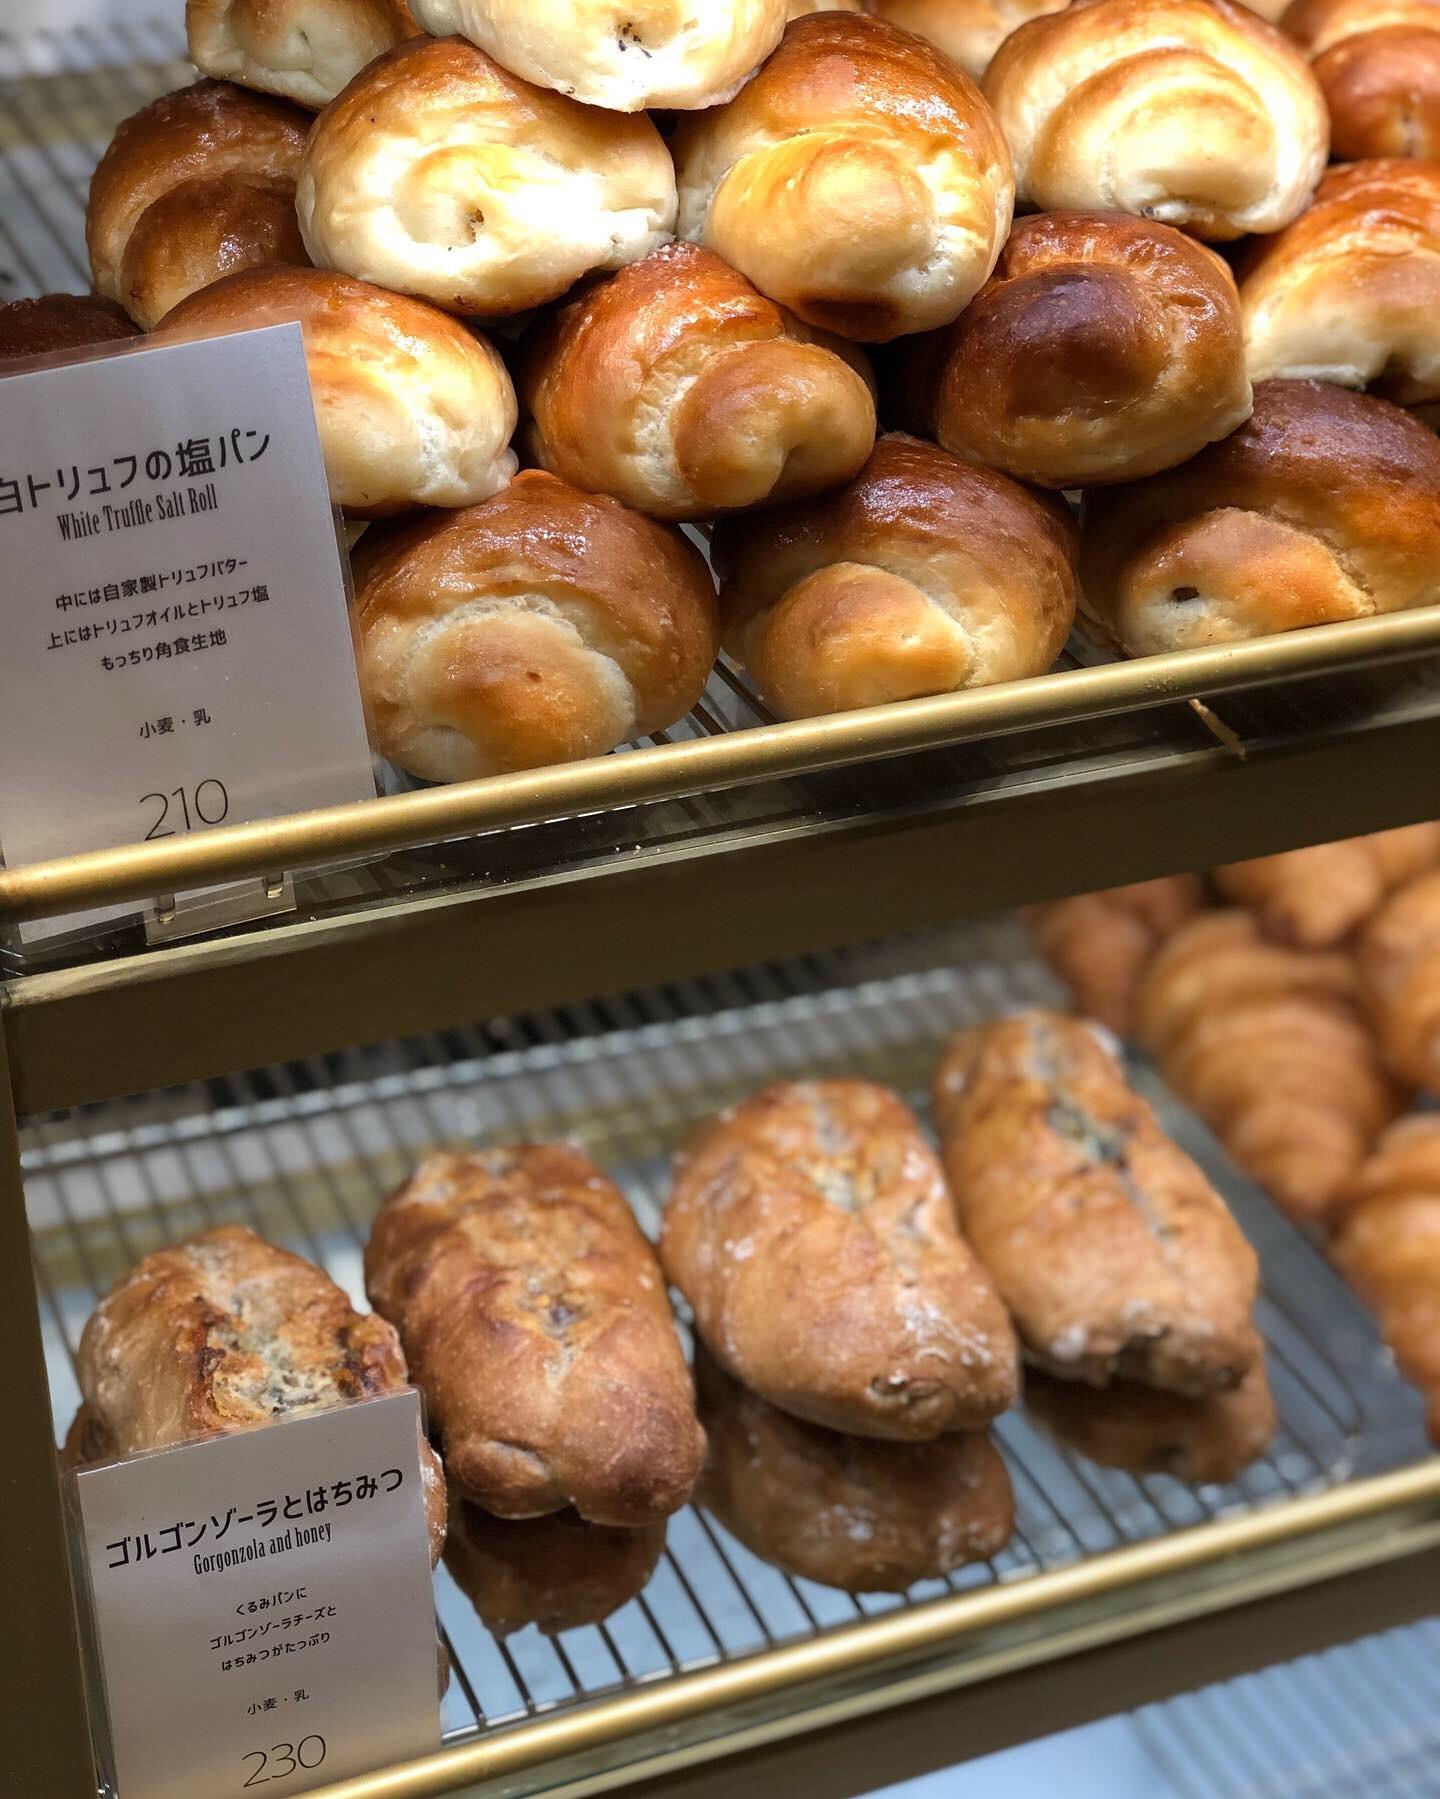 白トリュフの塩パンが美味しい「3&1FACTRY」@自由が丘_a0157409_05113151.jpeg